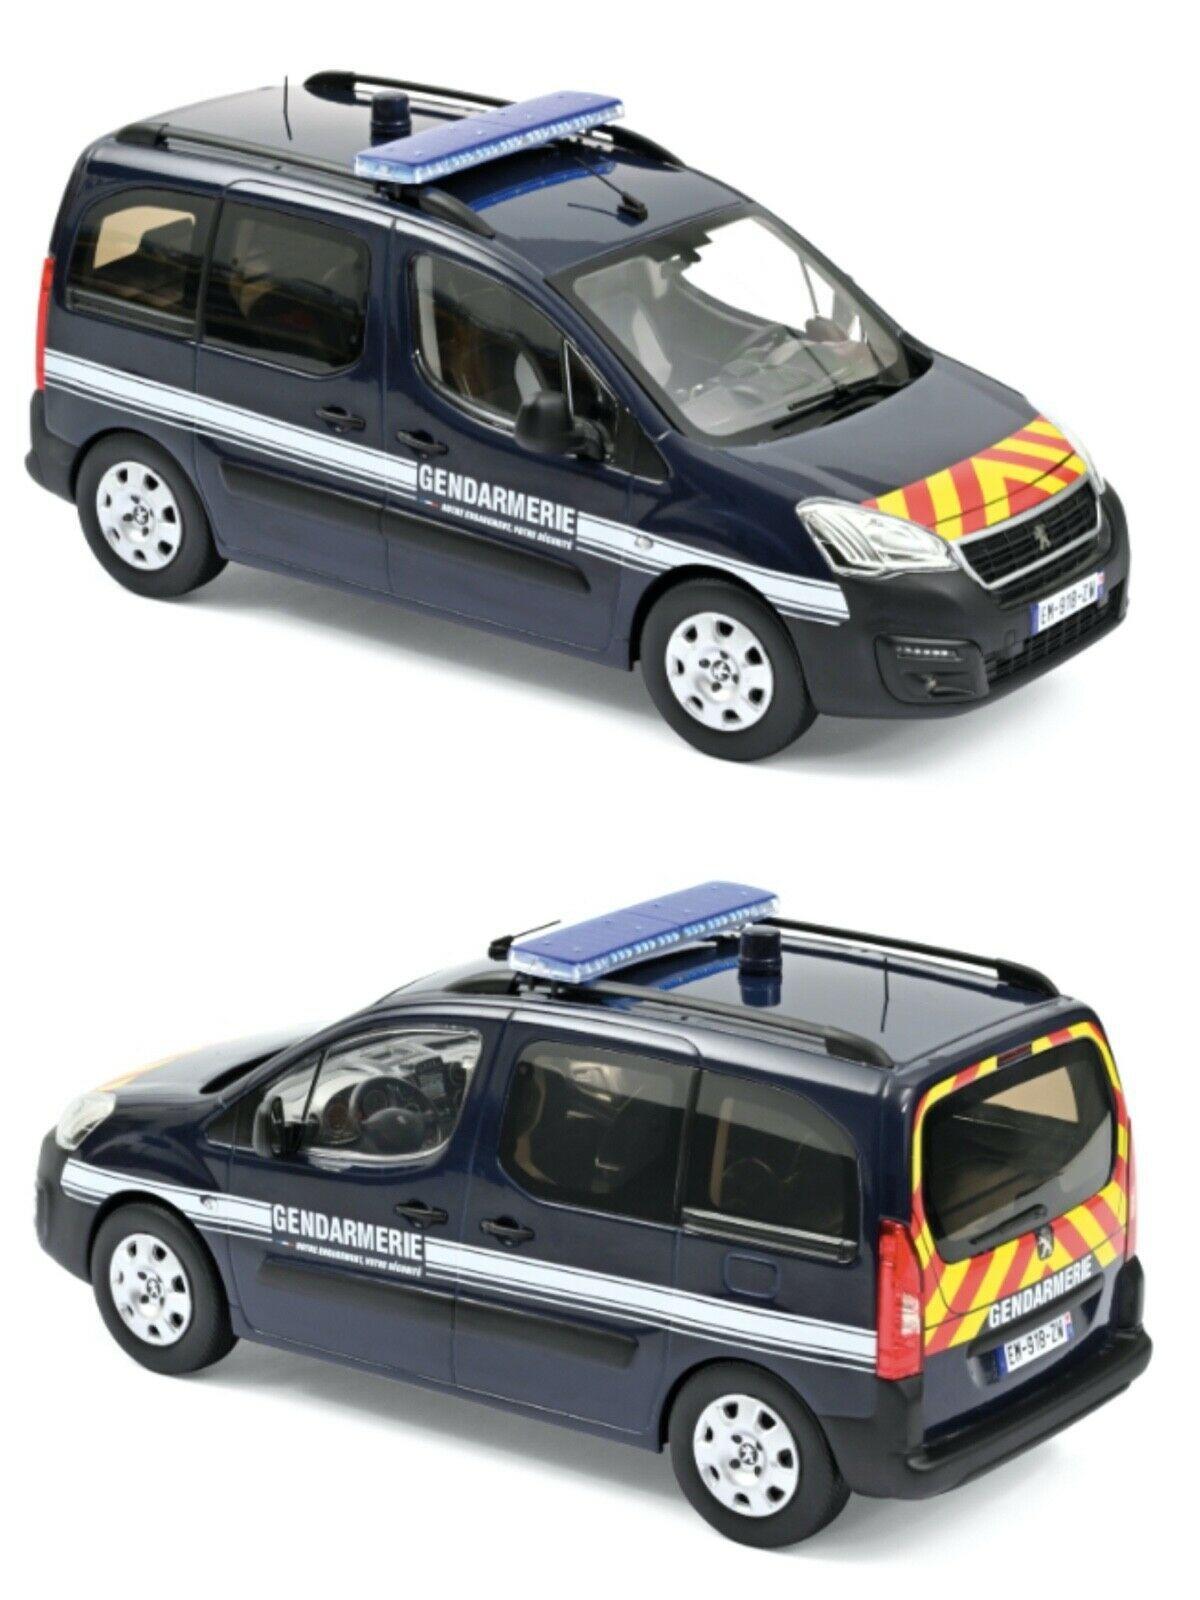 Peugeot Partner/Citroën Berlingo 2018 au 1/18 (Norev)